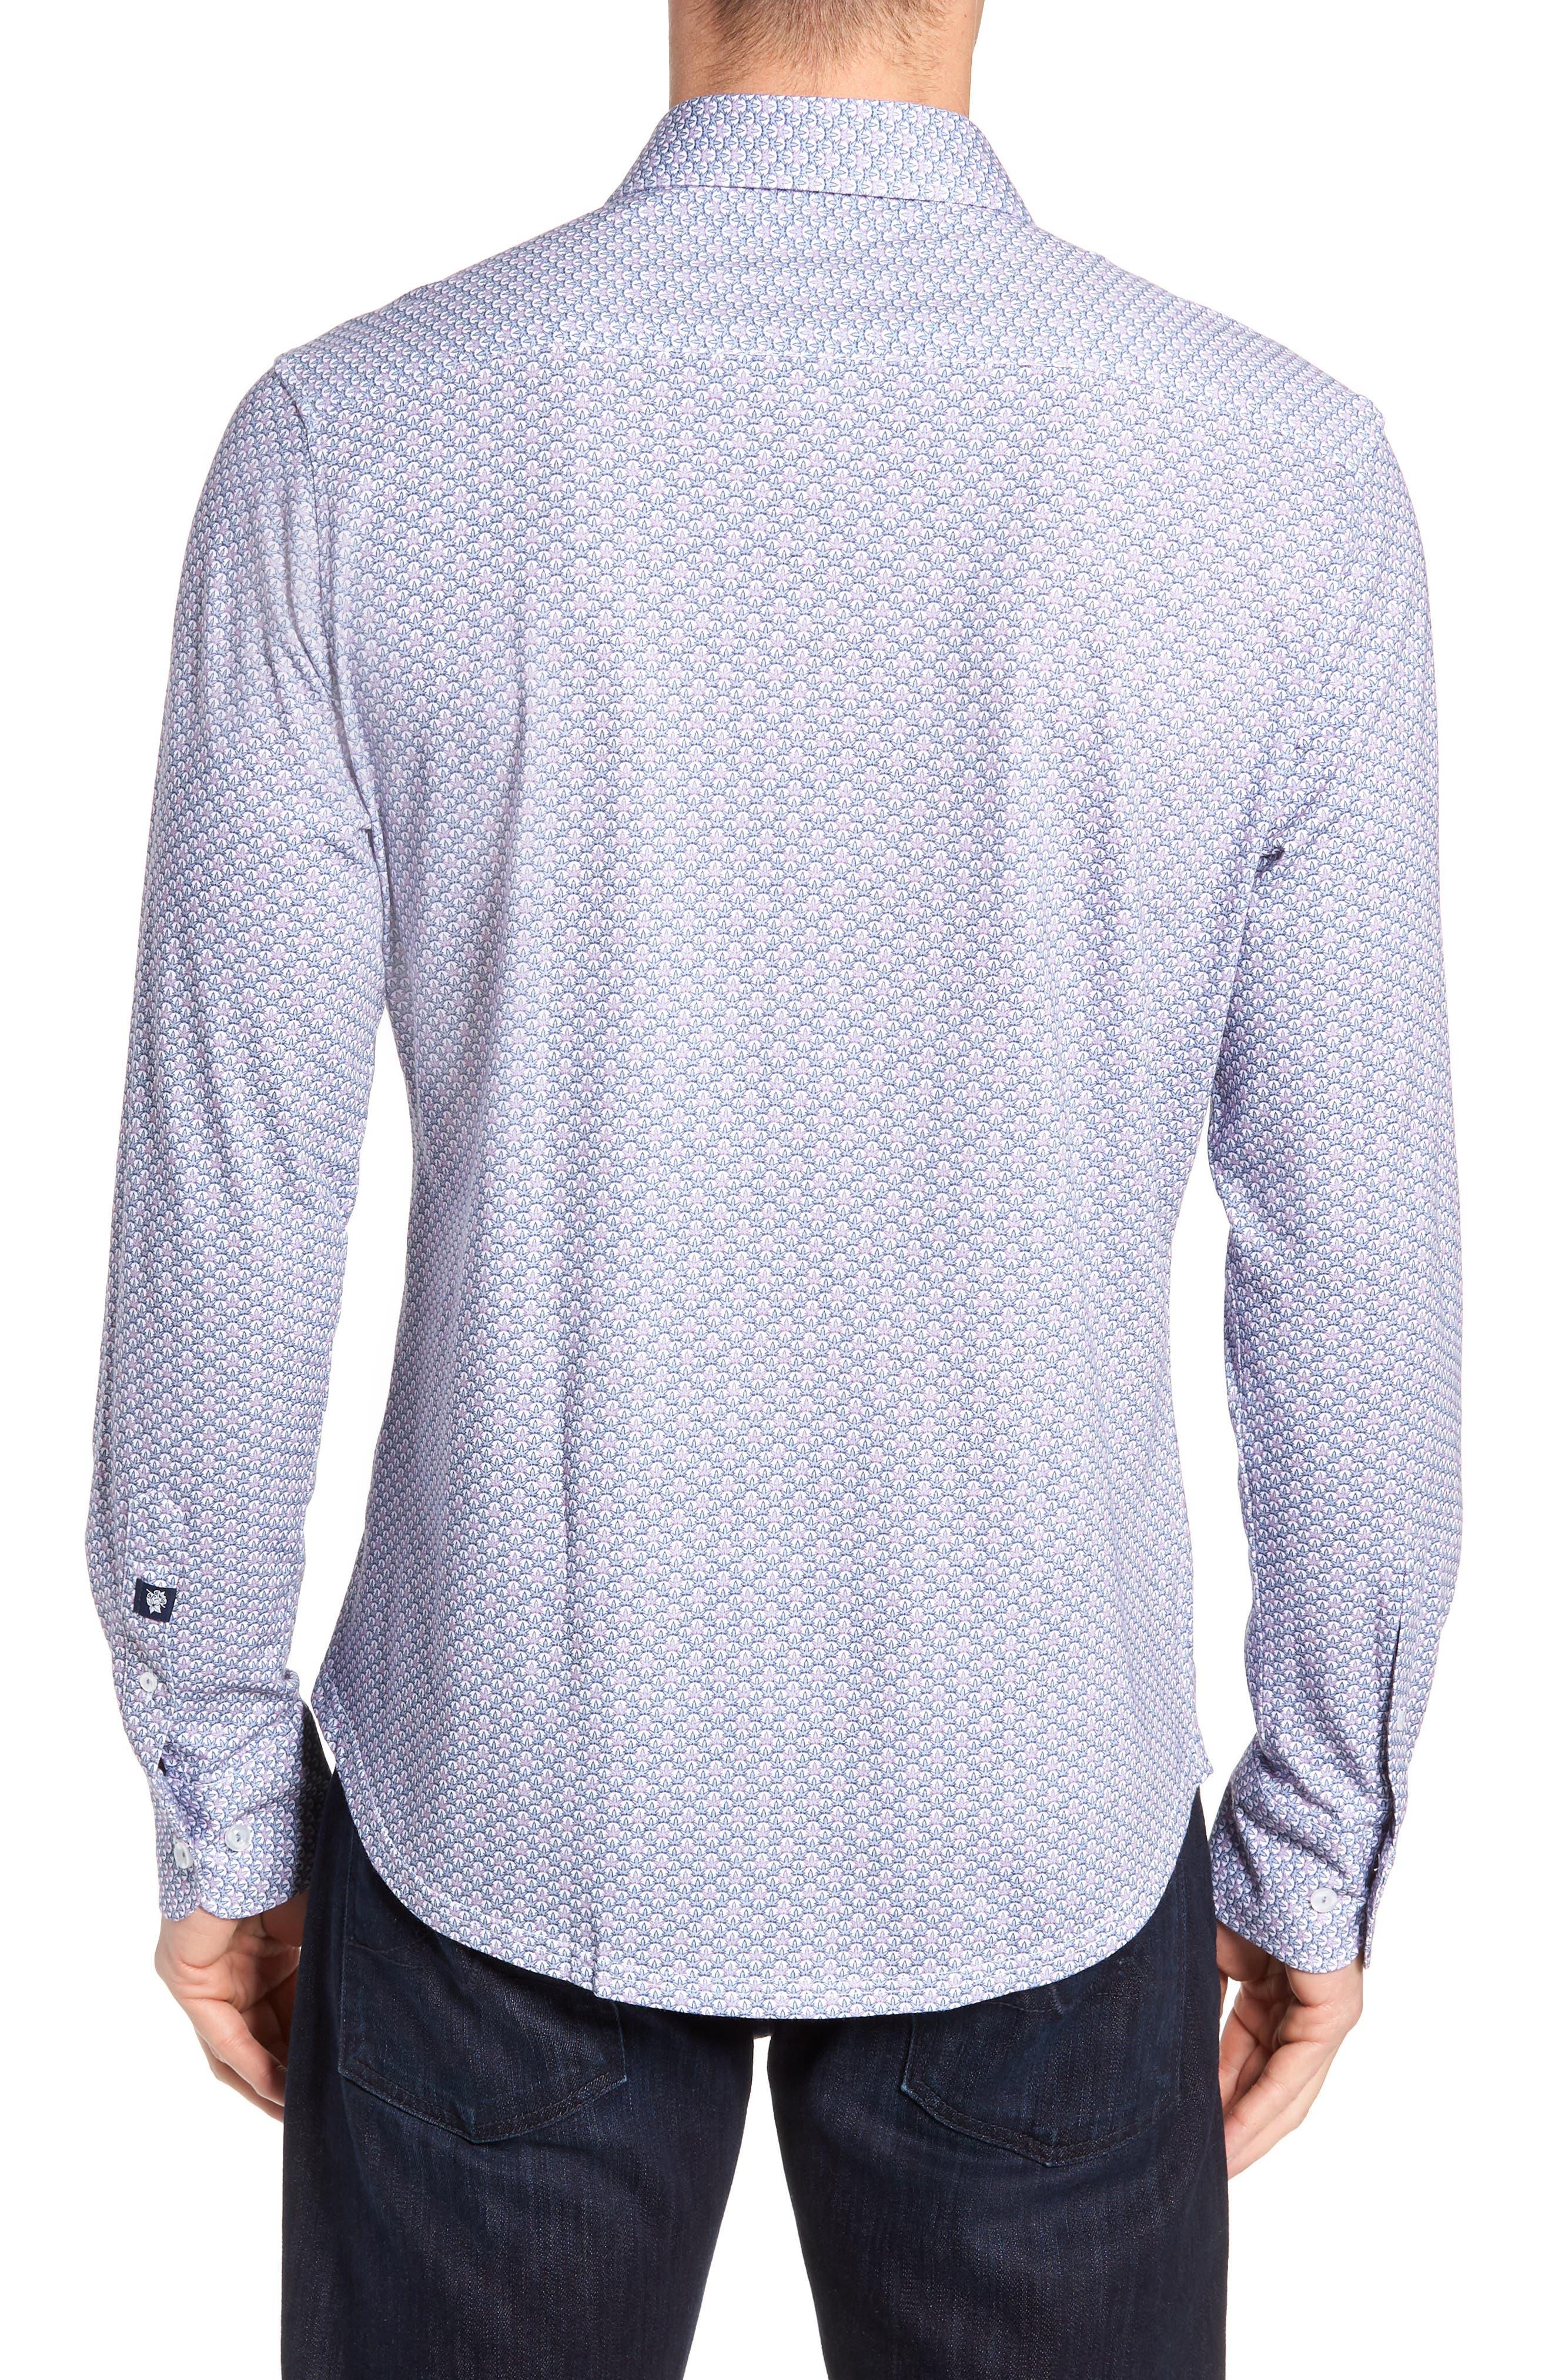 Trim Fit Knit Sport Shirt,                             Alternate thumbnail 3, color,                             100